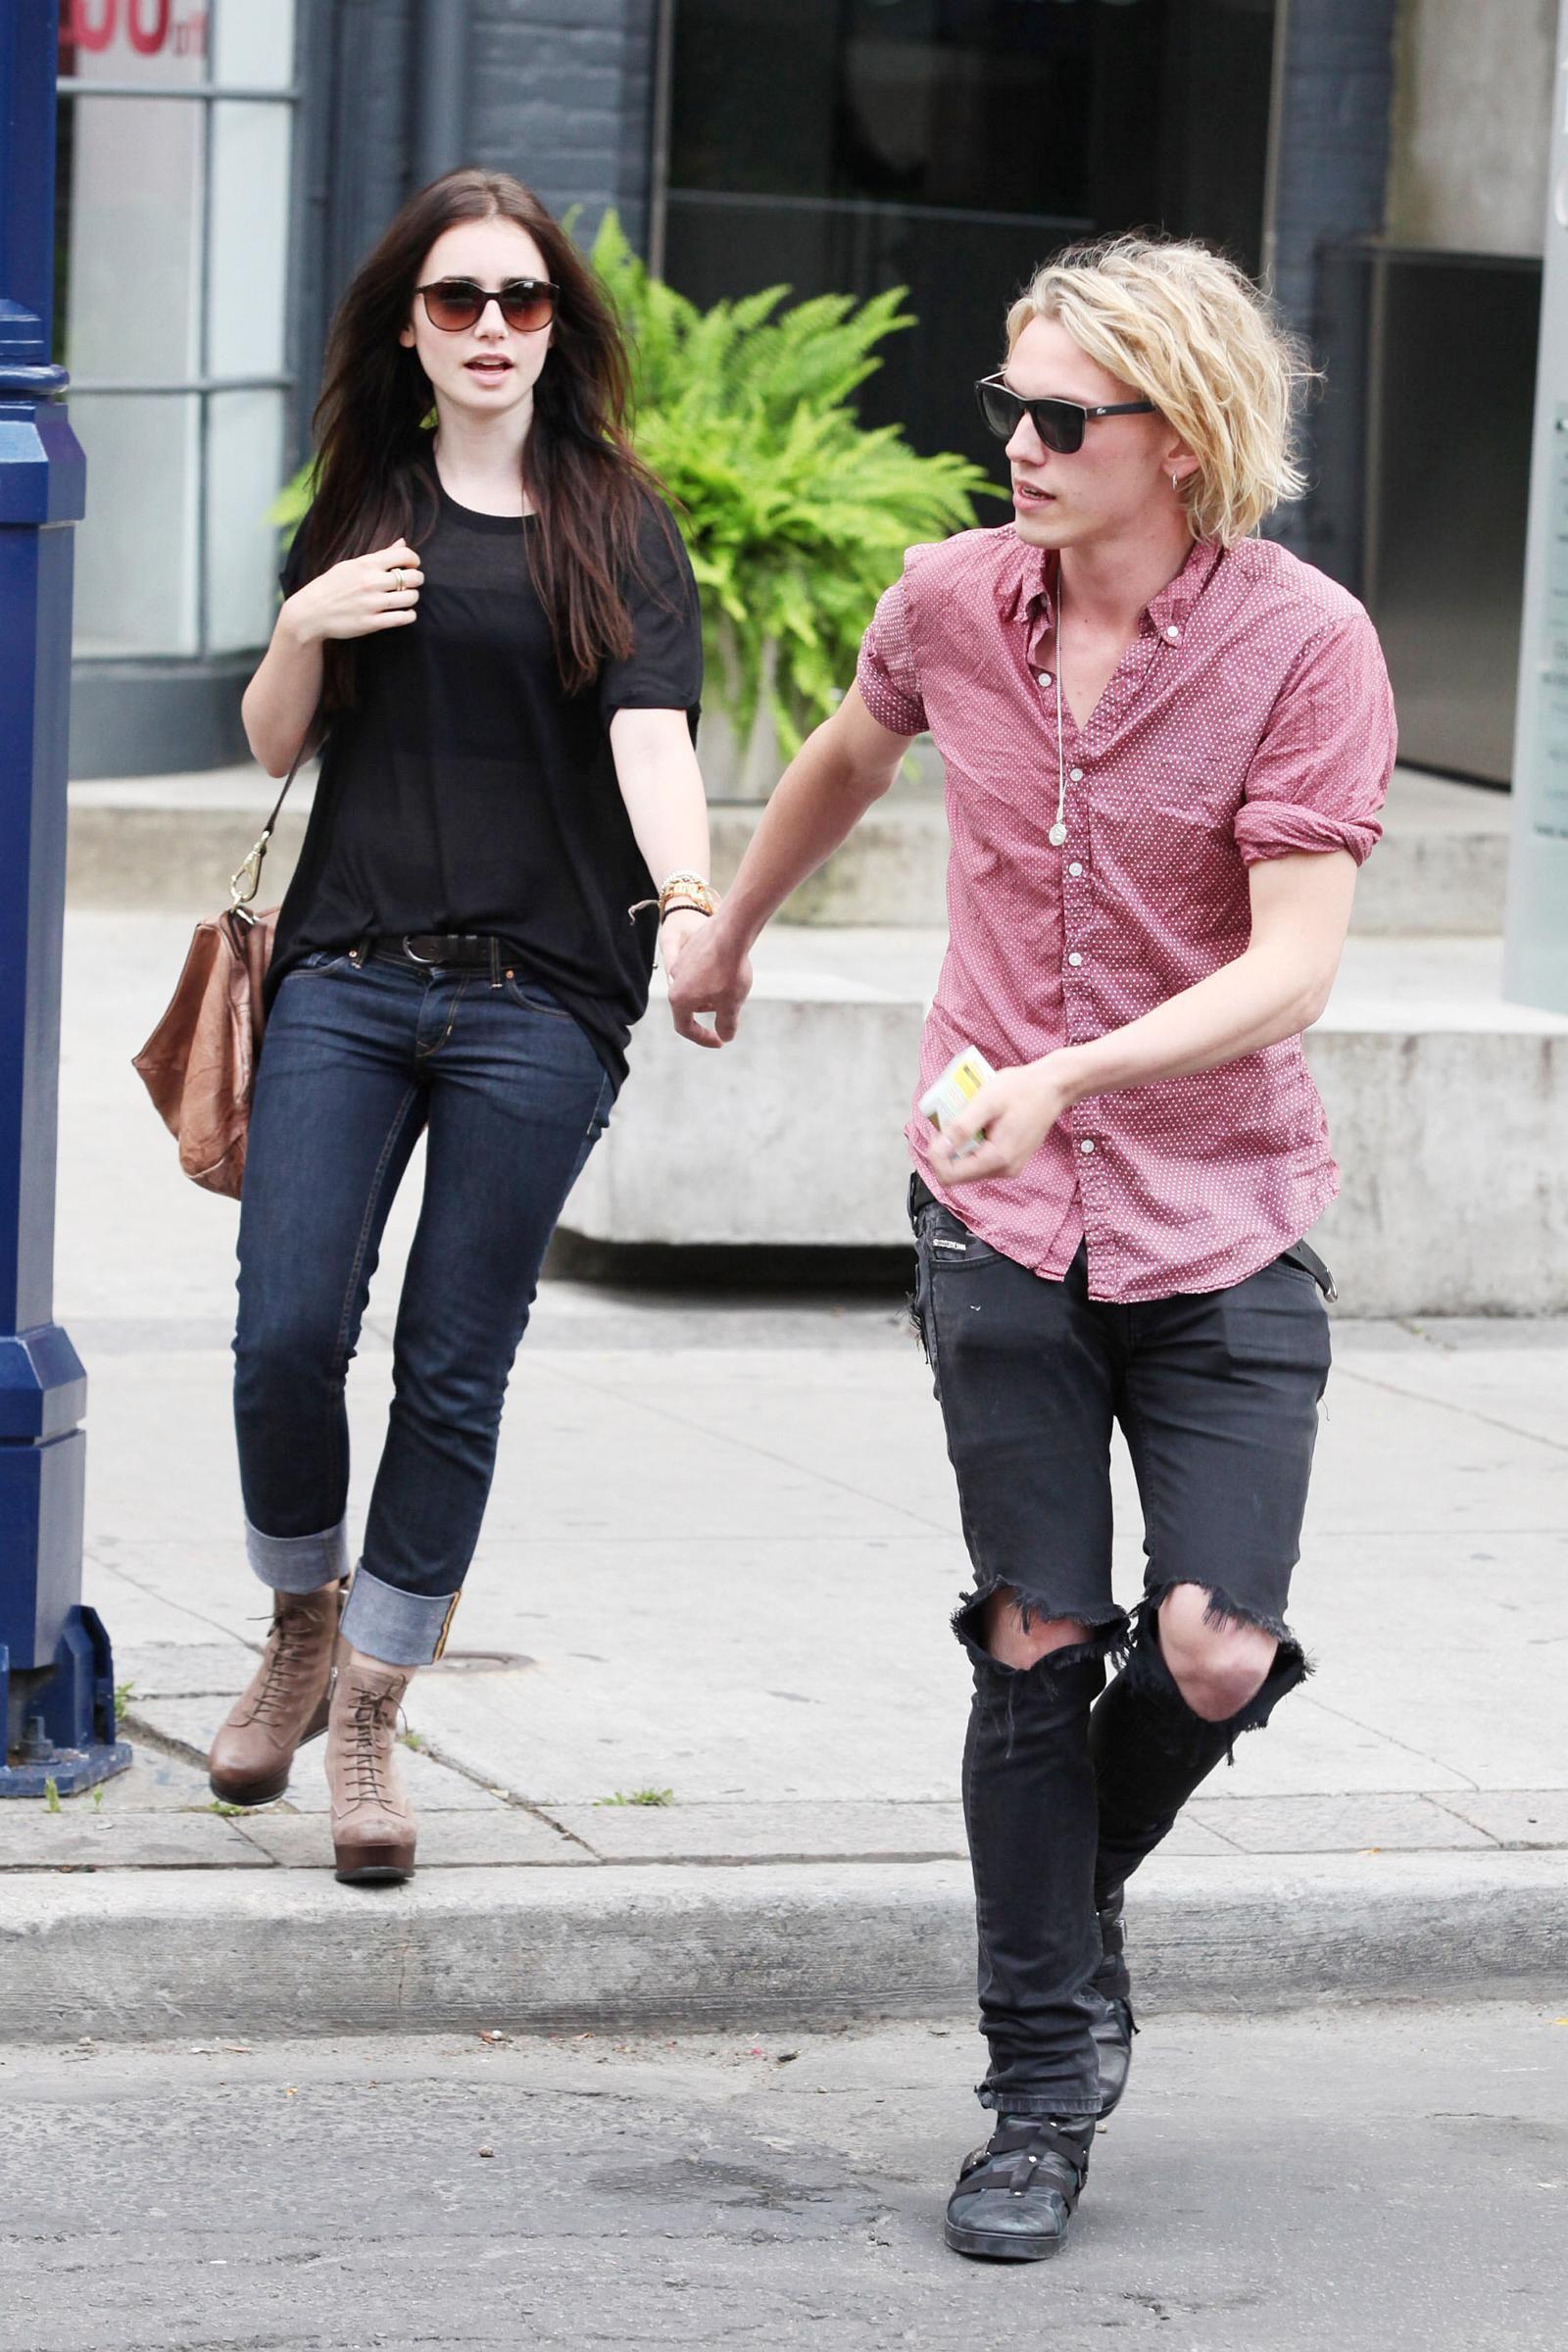 Lily en Jamie dating